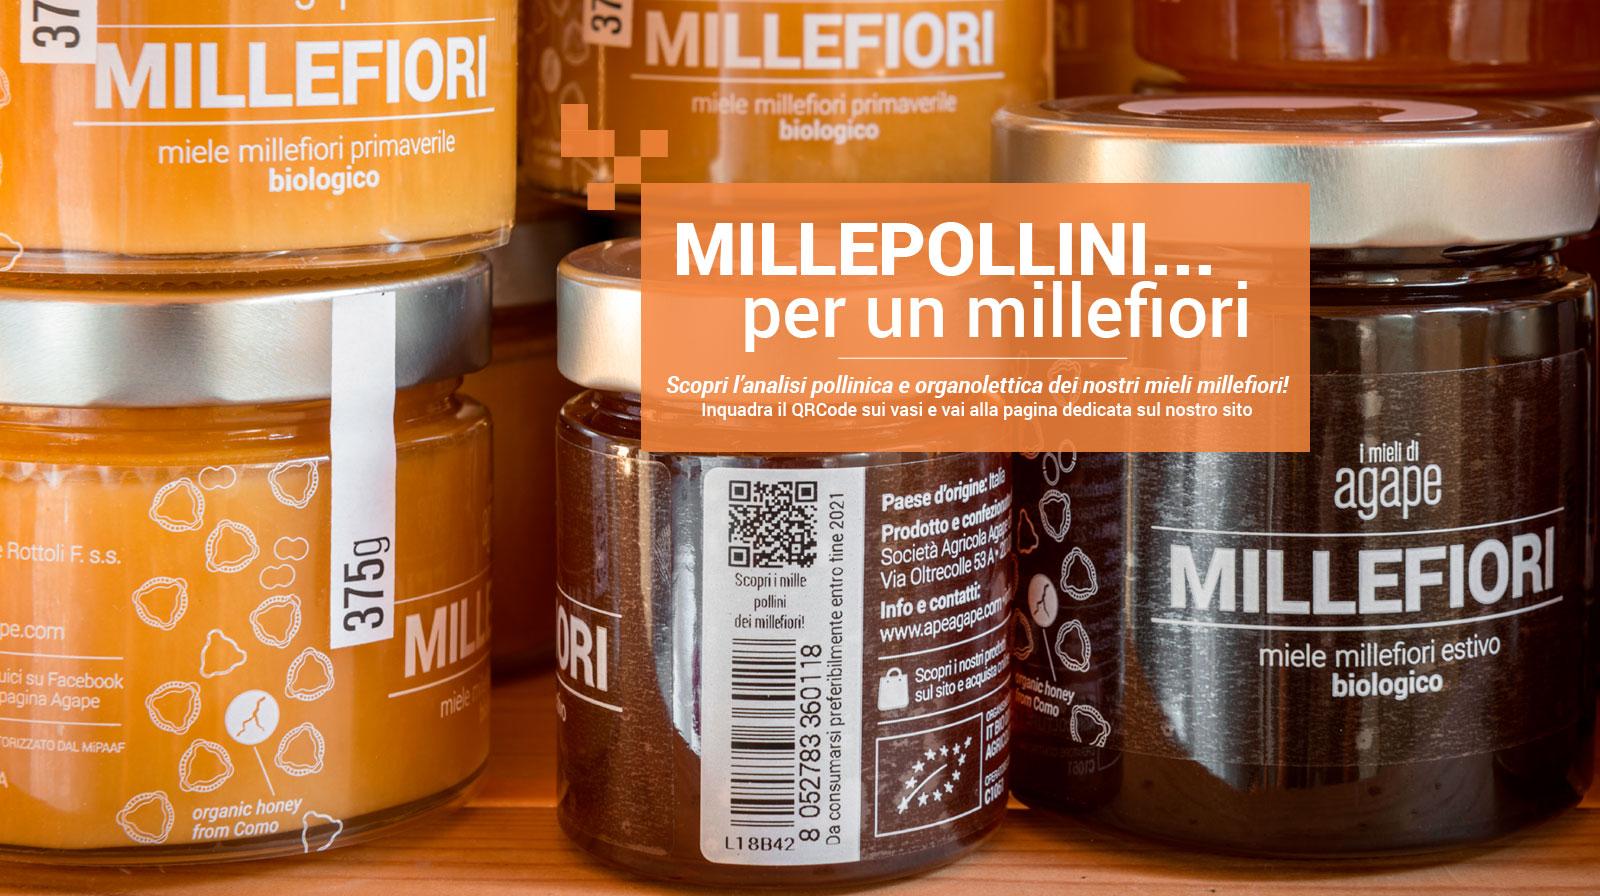 Agape Azienda Agricola Miele Biologico Como QR Millefiori Millepollini